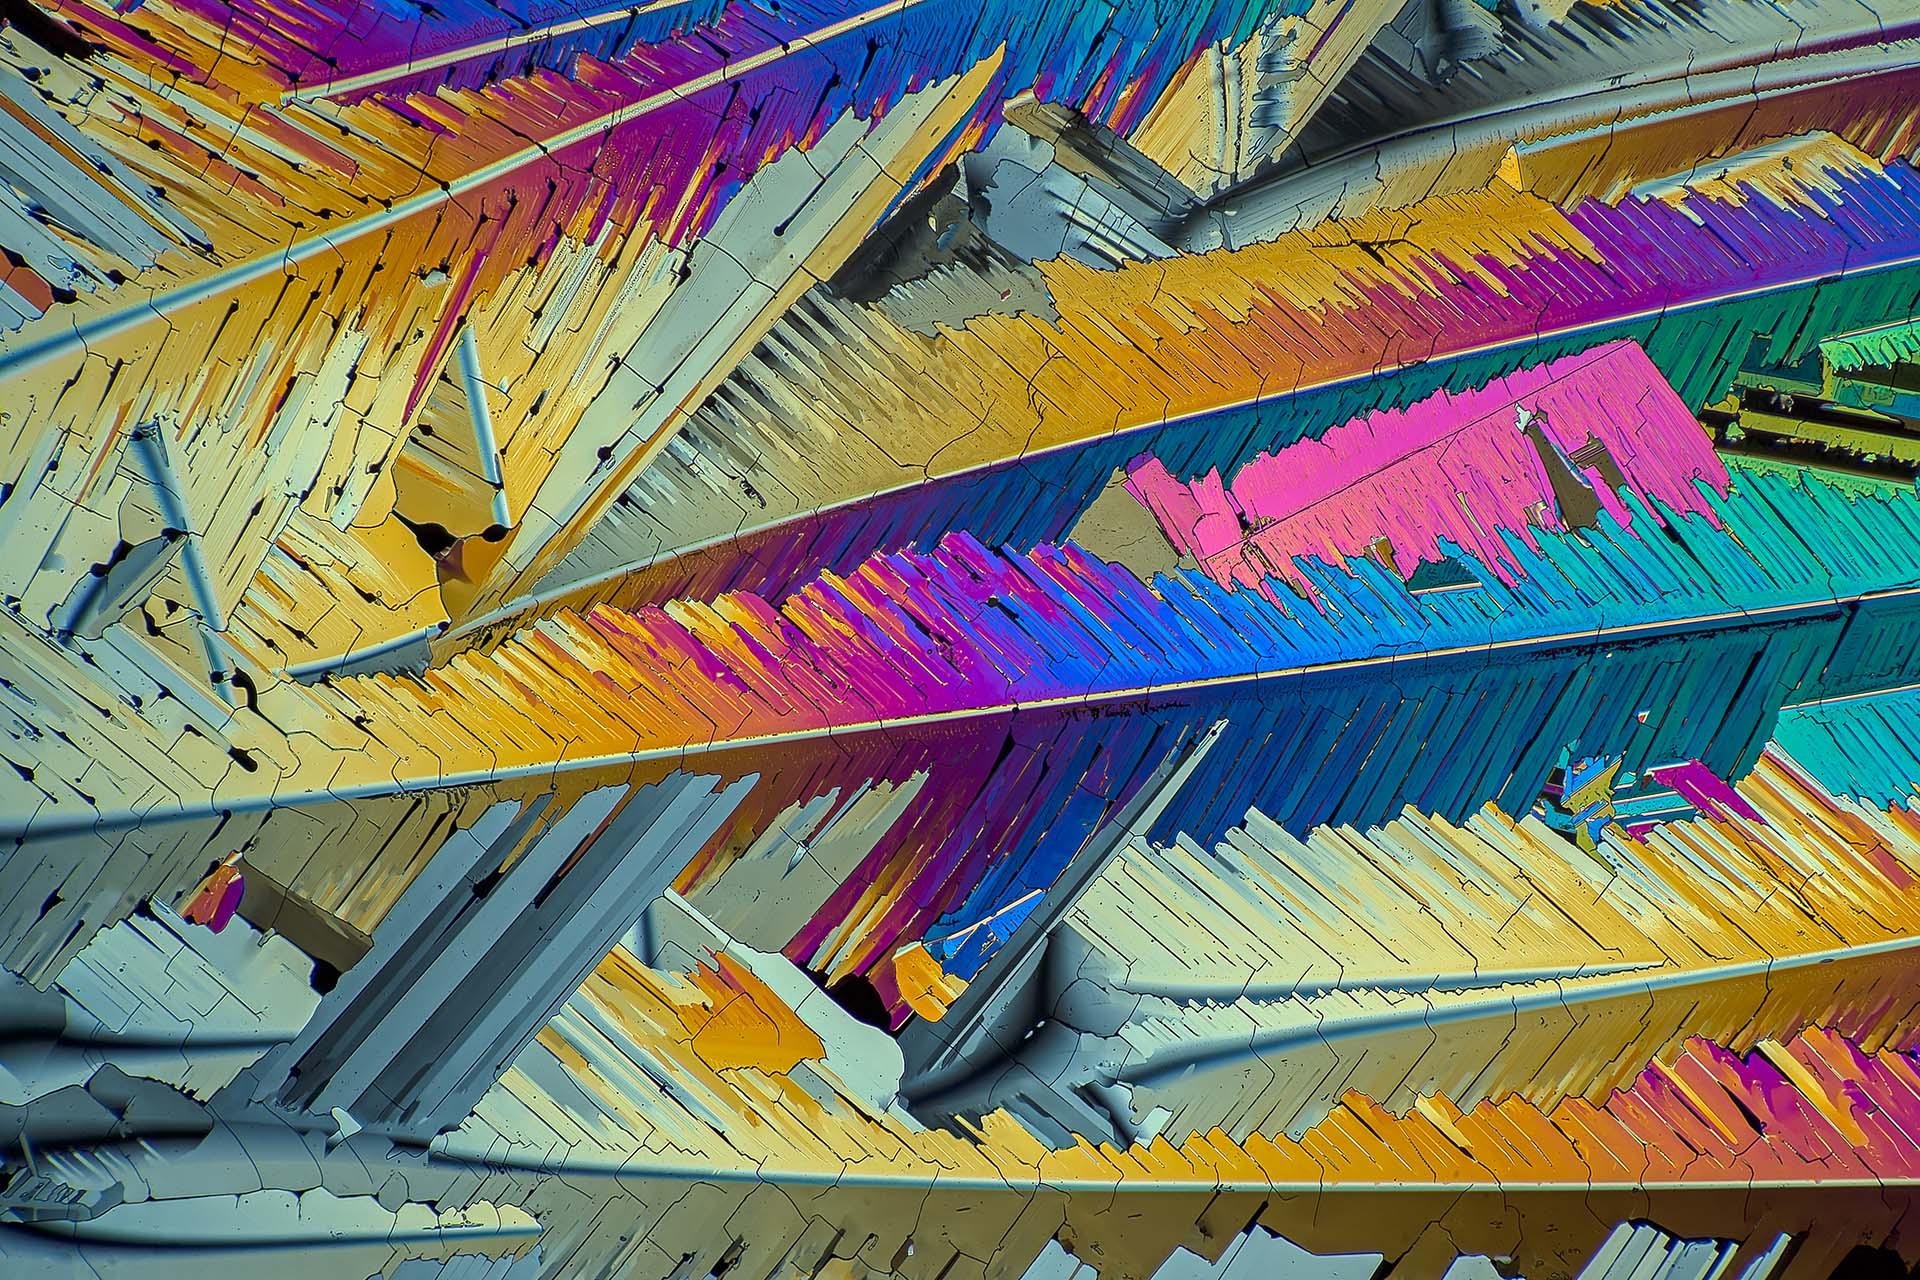 Schwefel in einer Vergrößerung von 120:1, Mikro Kristall im polarisierten Licht.